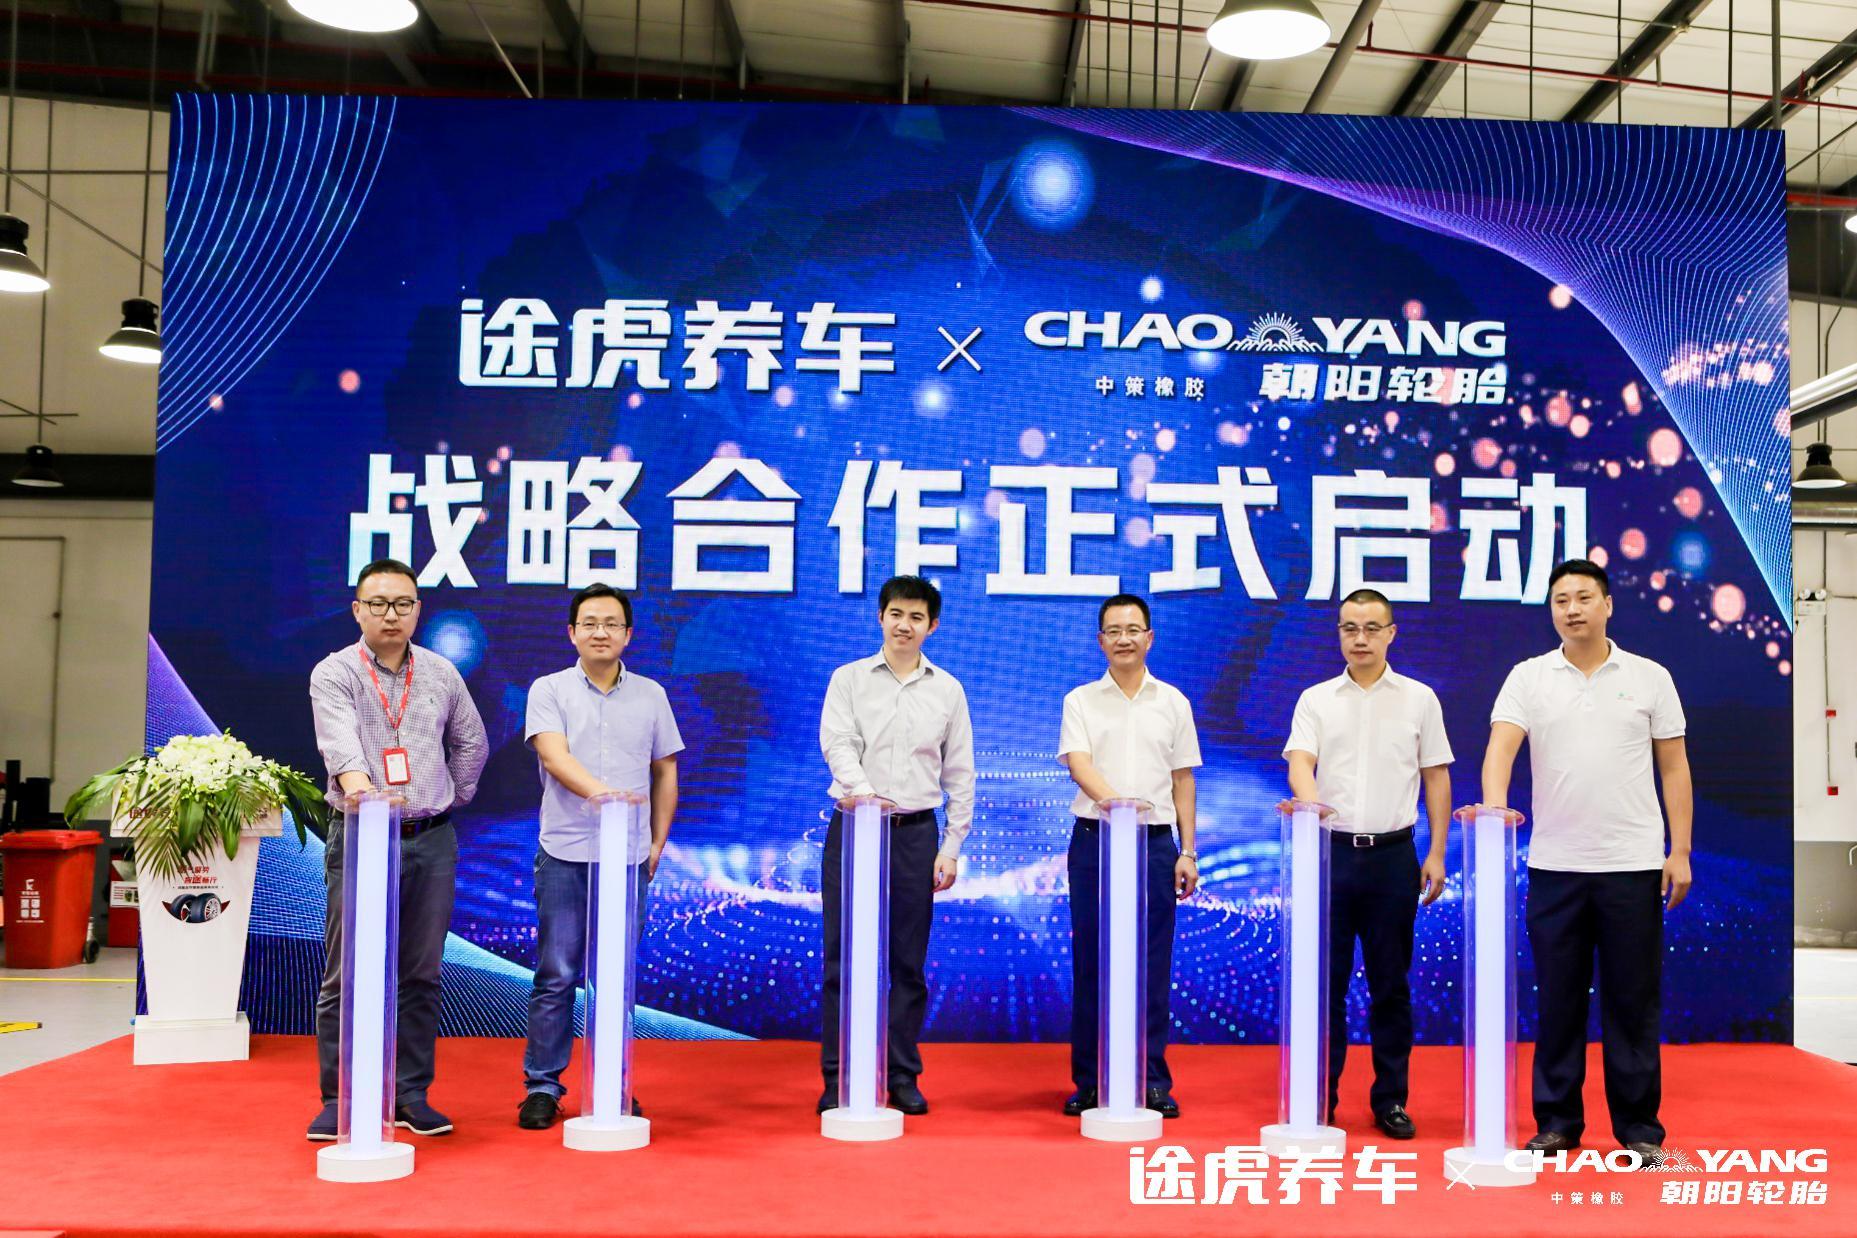 http://www.ddhaihao.com/caijingfenxi/37002.html